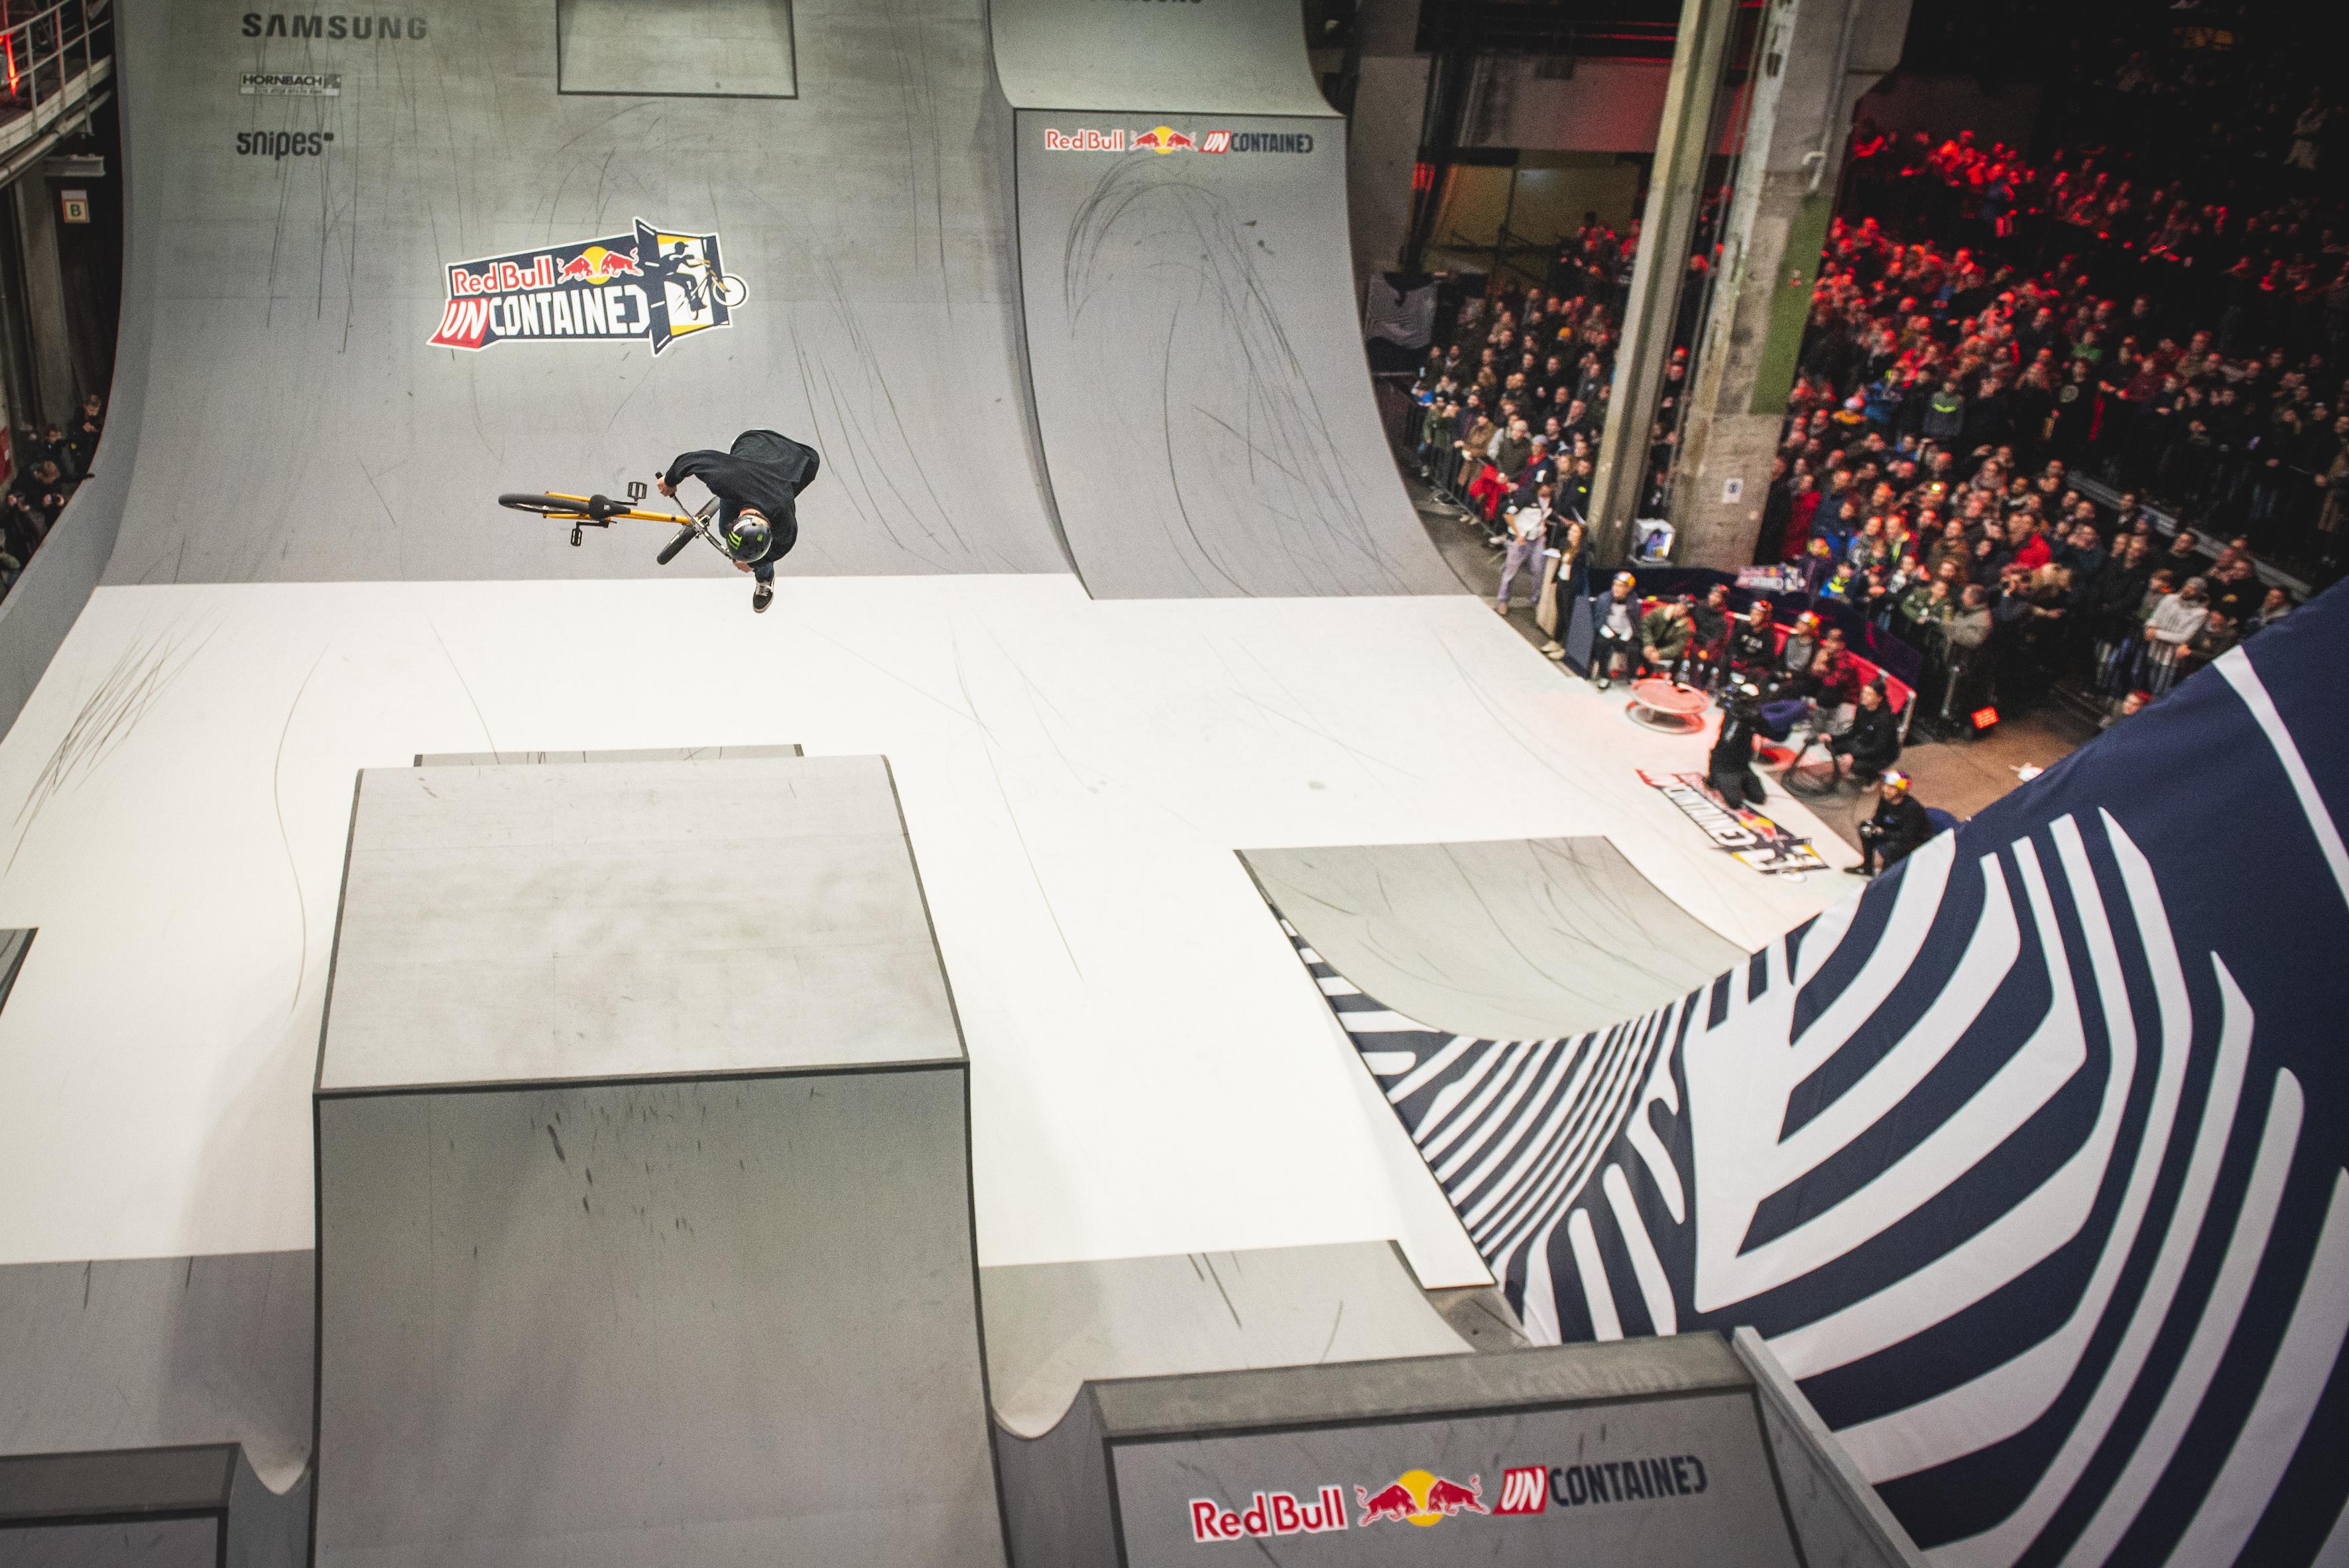 Red Bull Uncontained: laat dit het nieuwe BMX'en zijn